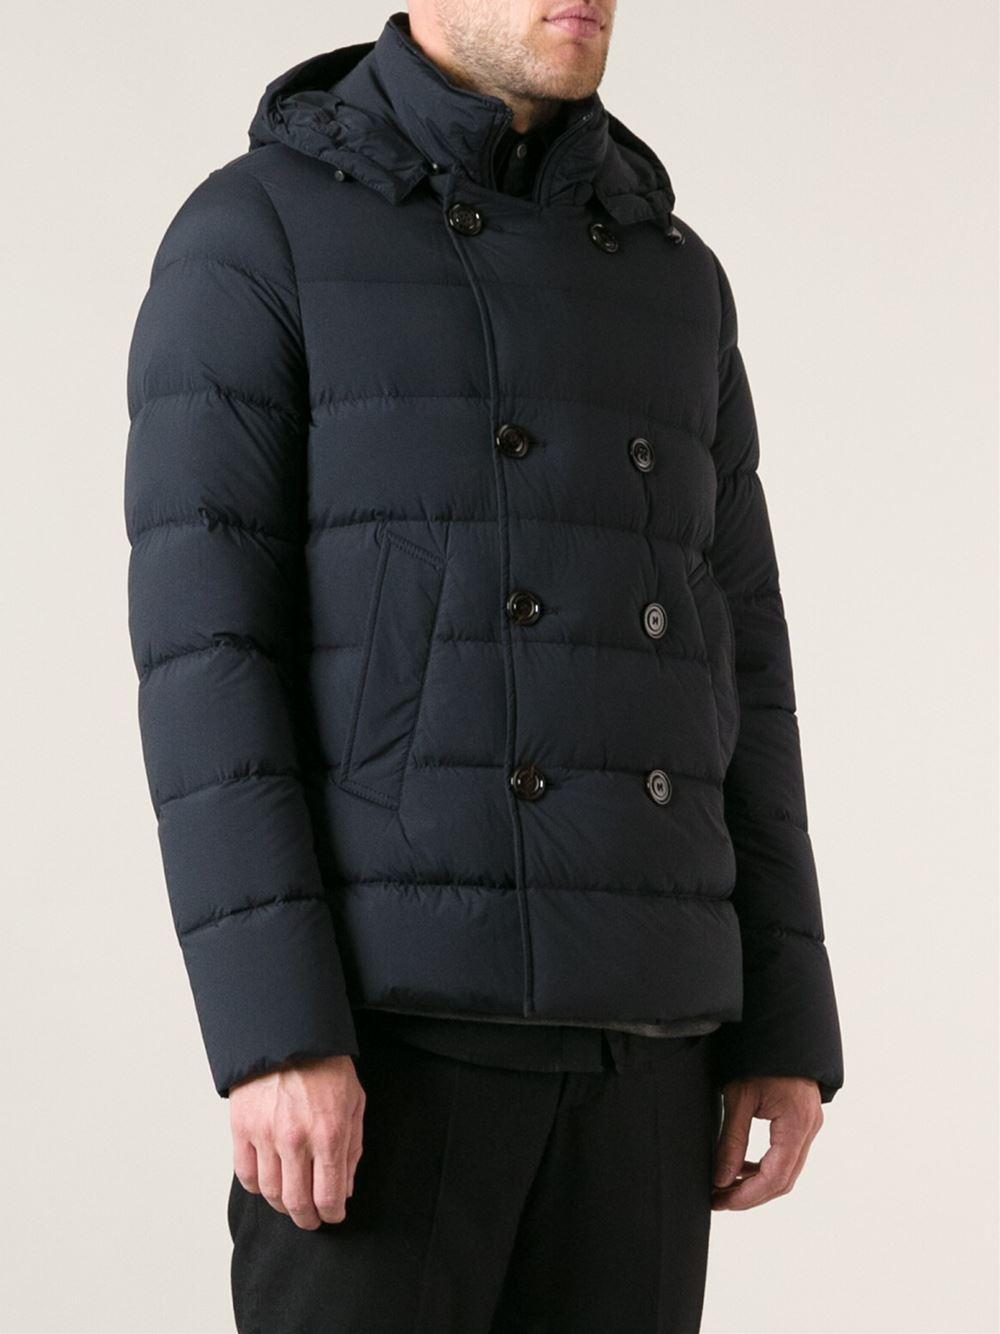 Moncler 'loirac' Padded Coat in Blue for Men